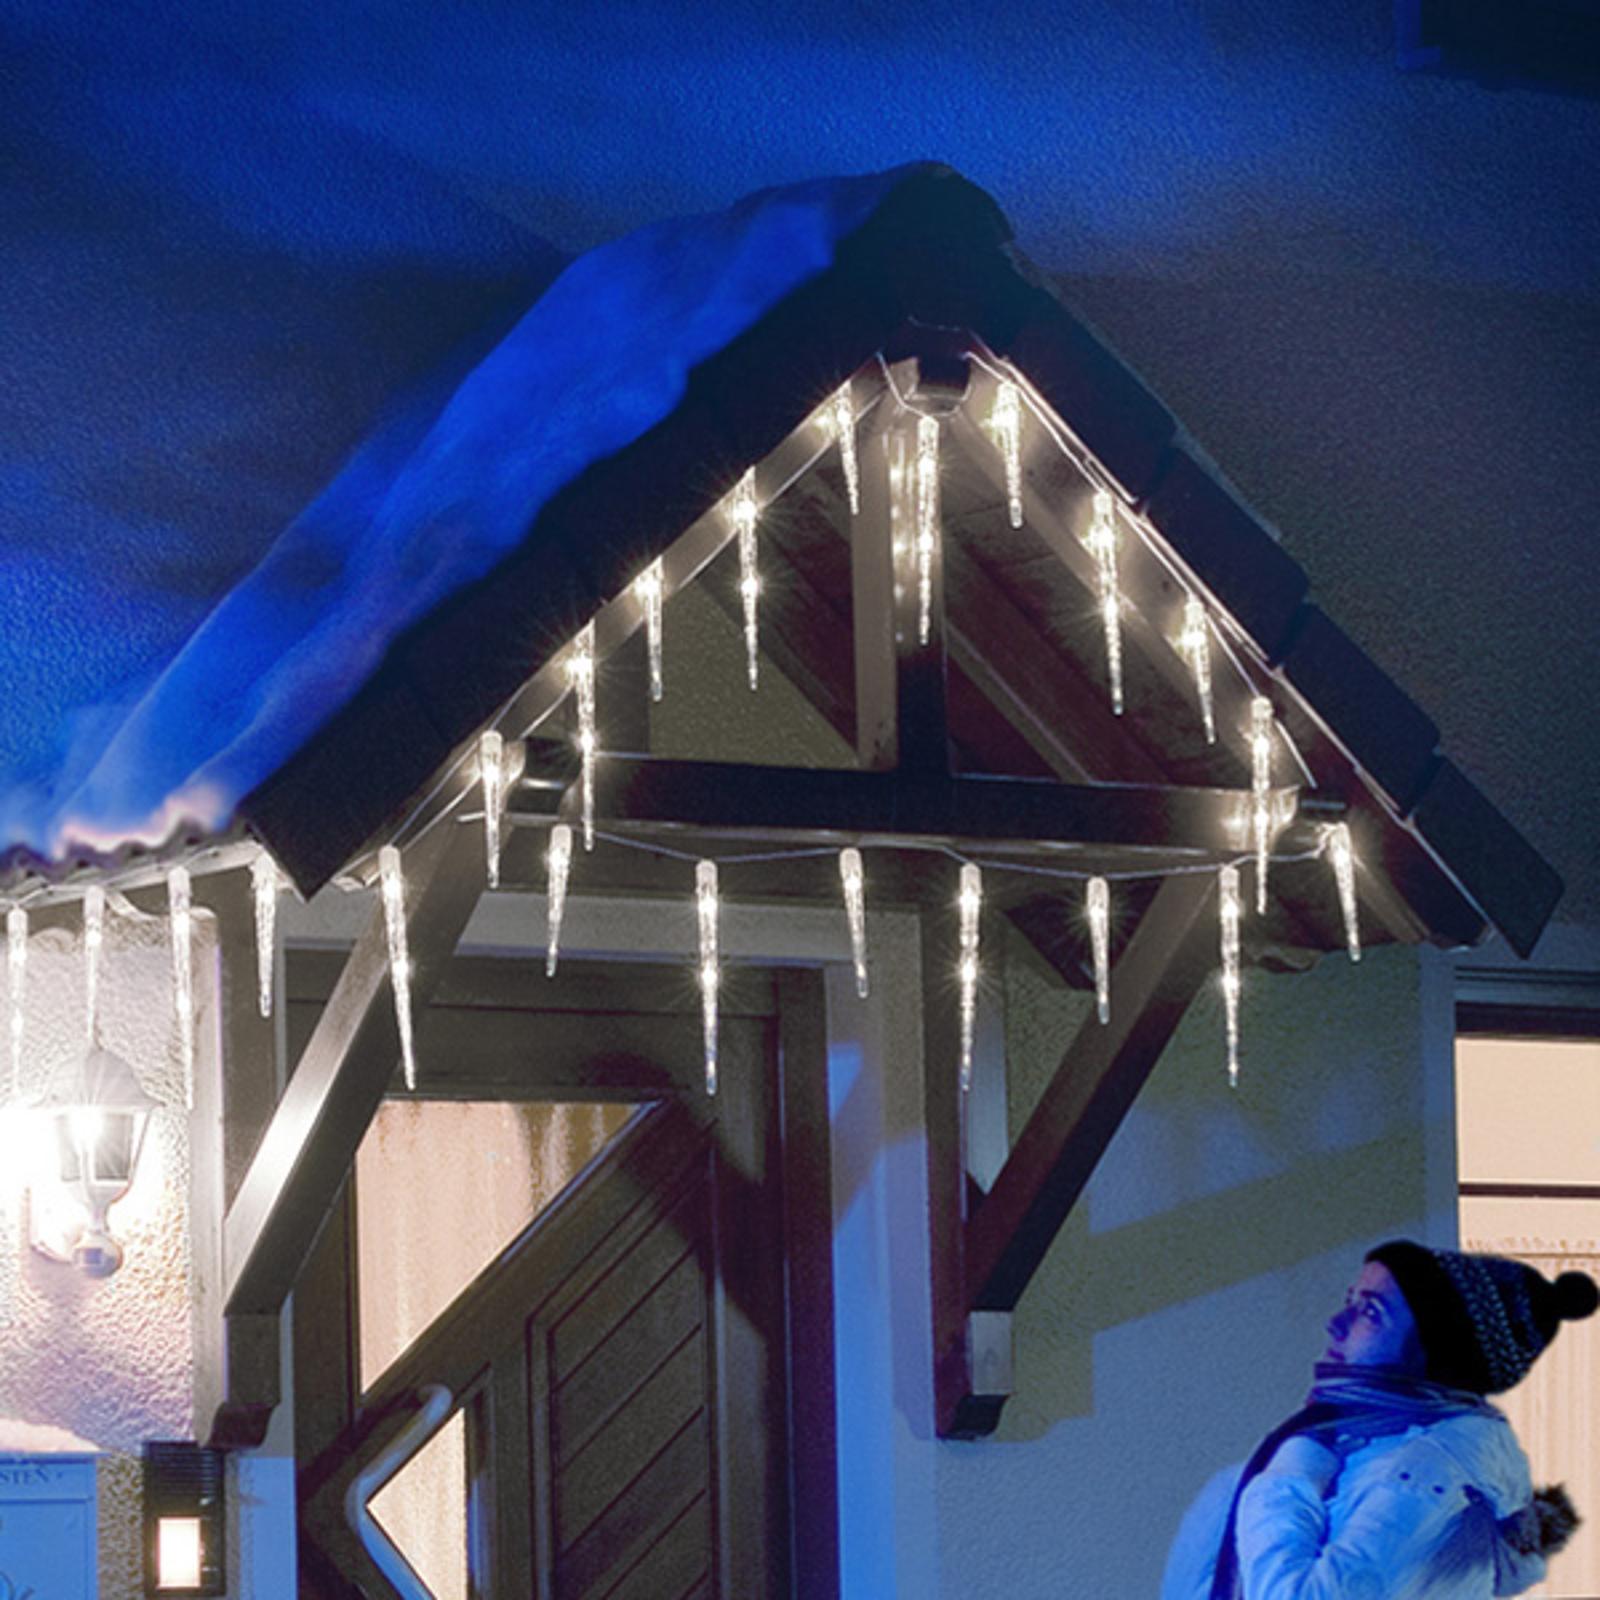 LED-istapper lysforheng med 32 istapper, 7,75 m